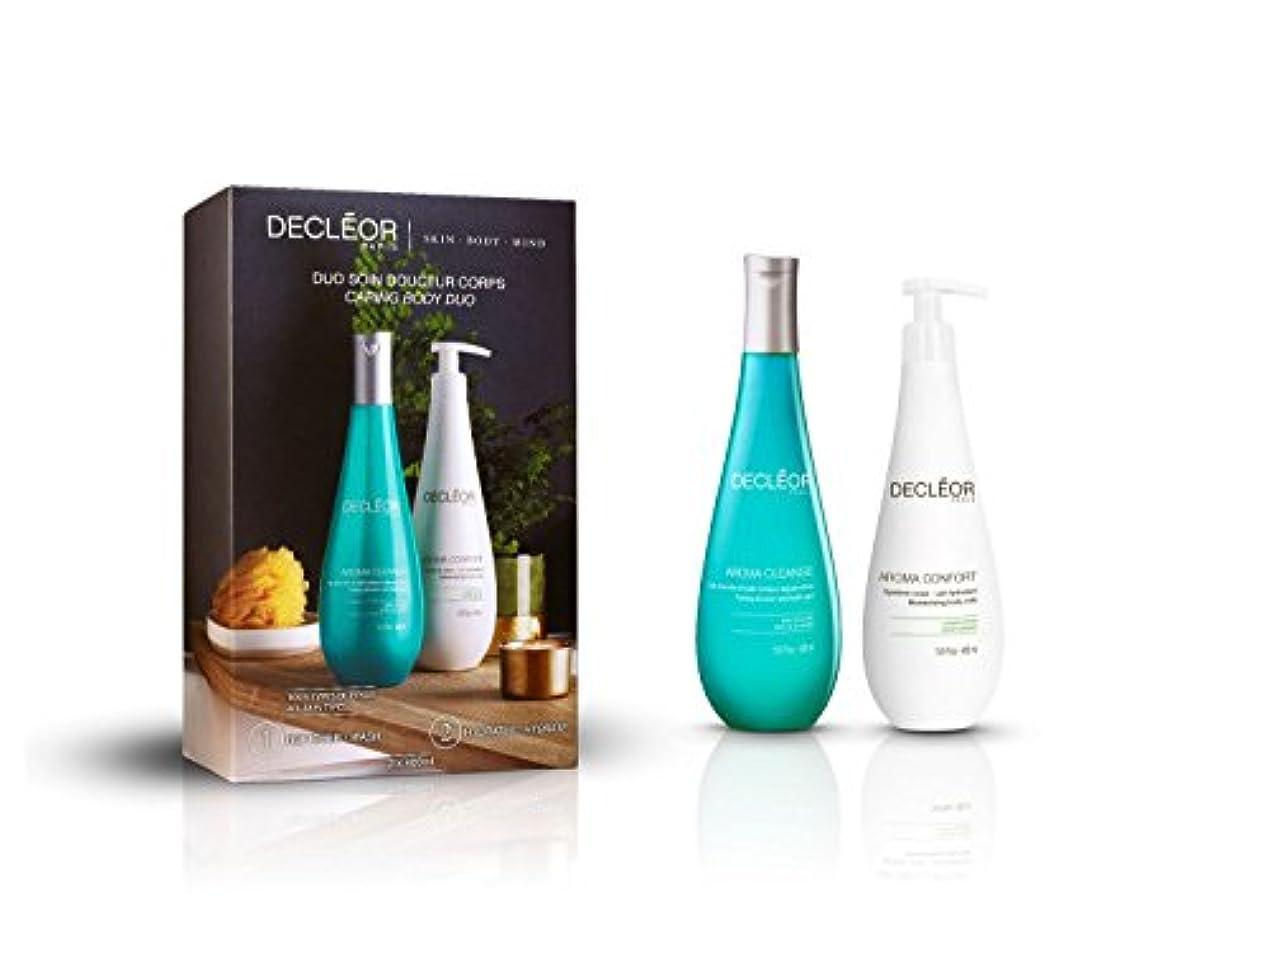 タール征服する拷問デクレオール Caring Body Duo : Aroma Cleanse Toning Shower & Bath Gel 400ml + Aroma Confort Moisturising Body Milk 400m...